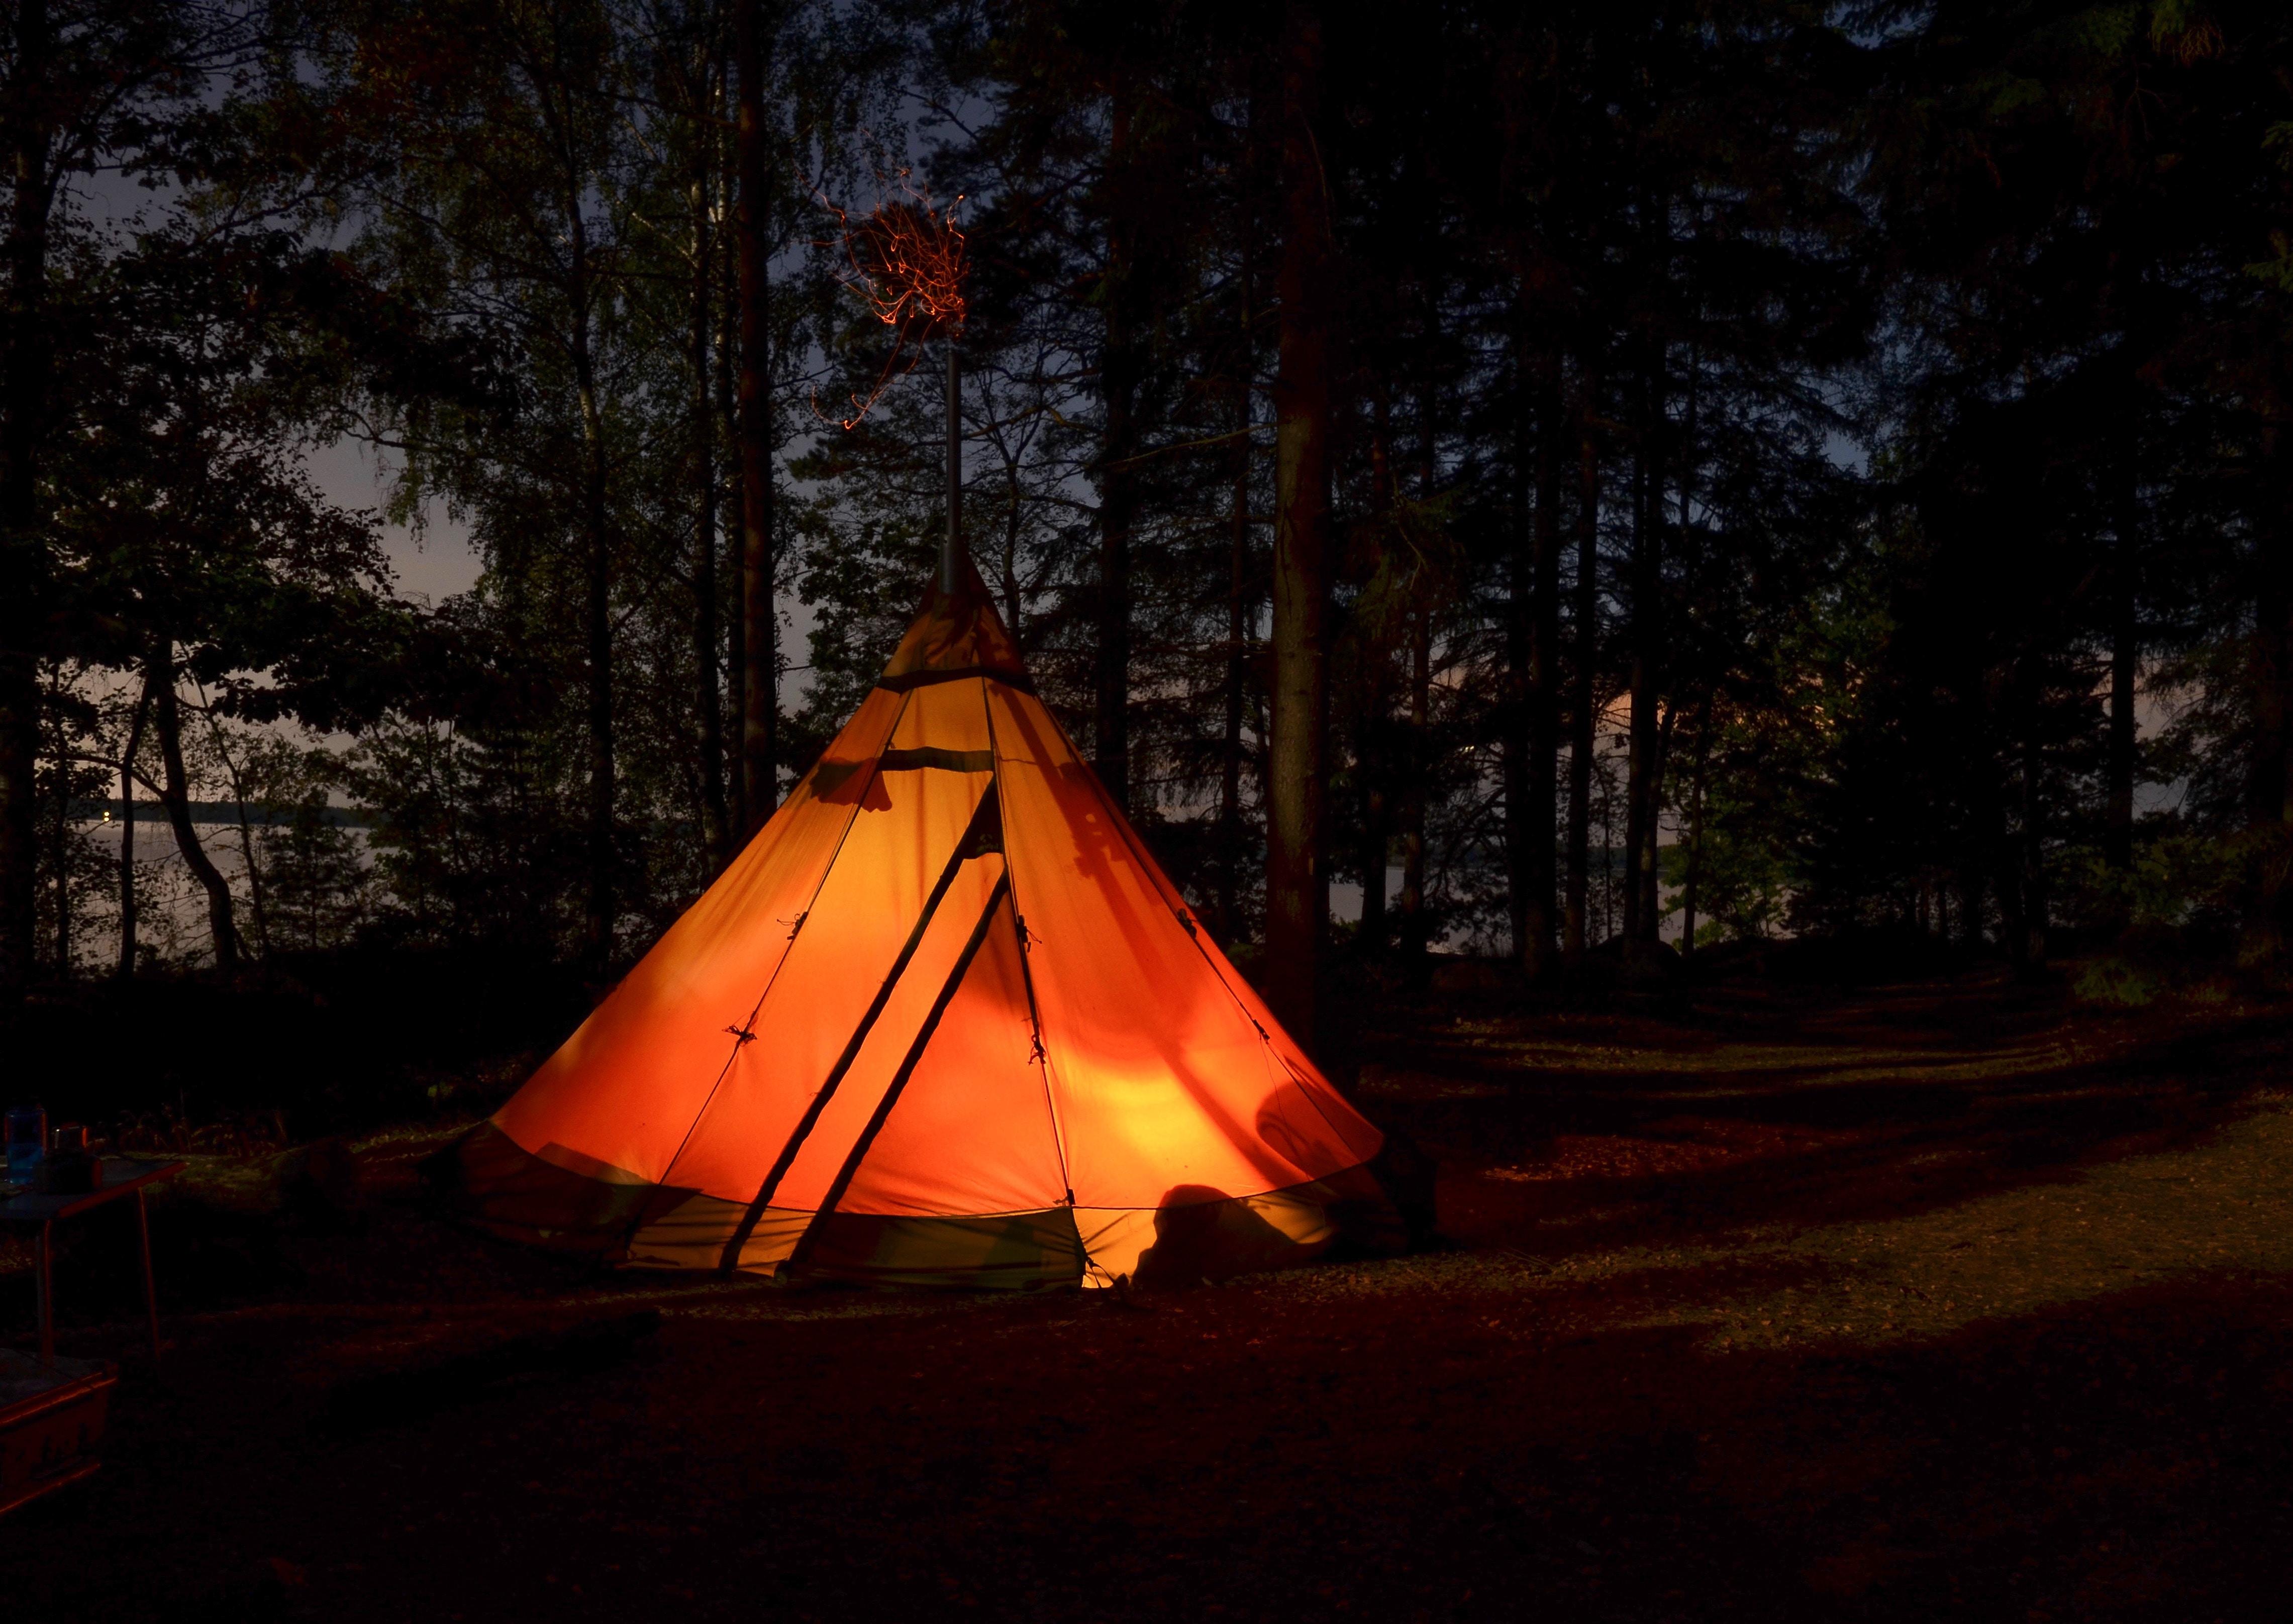 hva heter teltet urbefolkning bor i